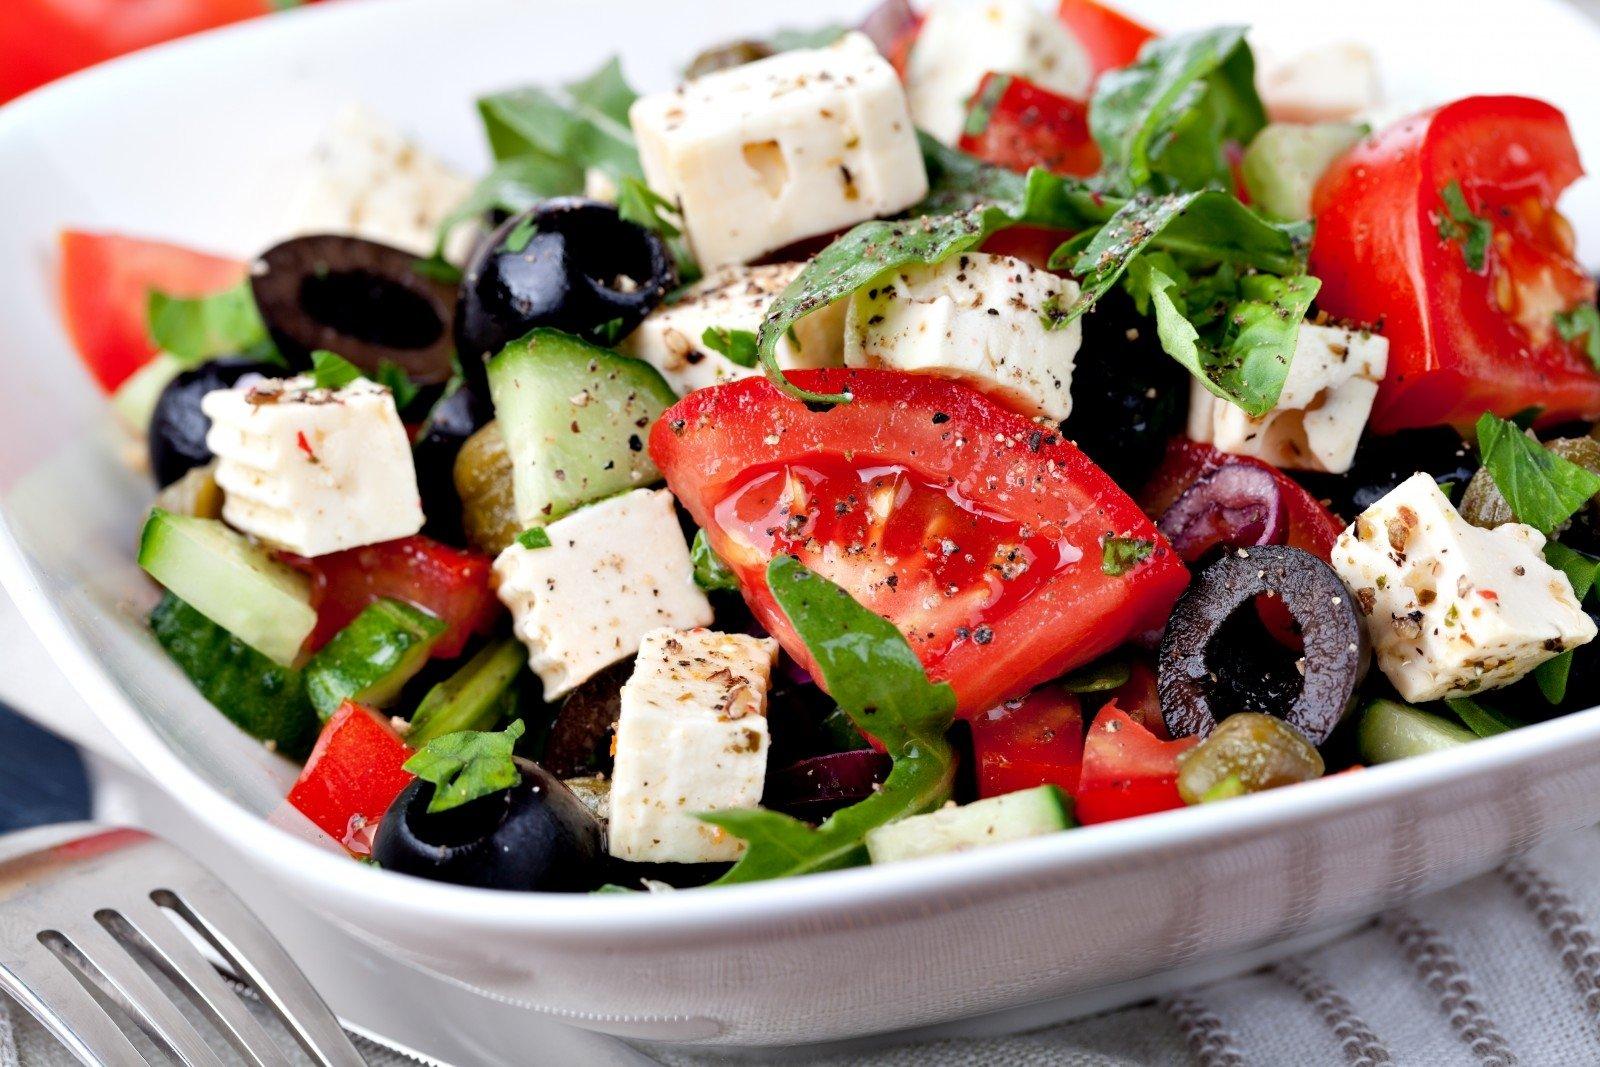 valgyti nustoti valgyti svorio